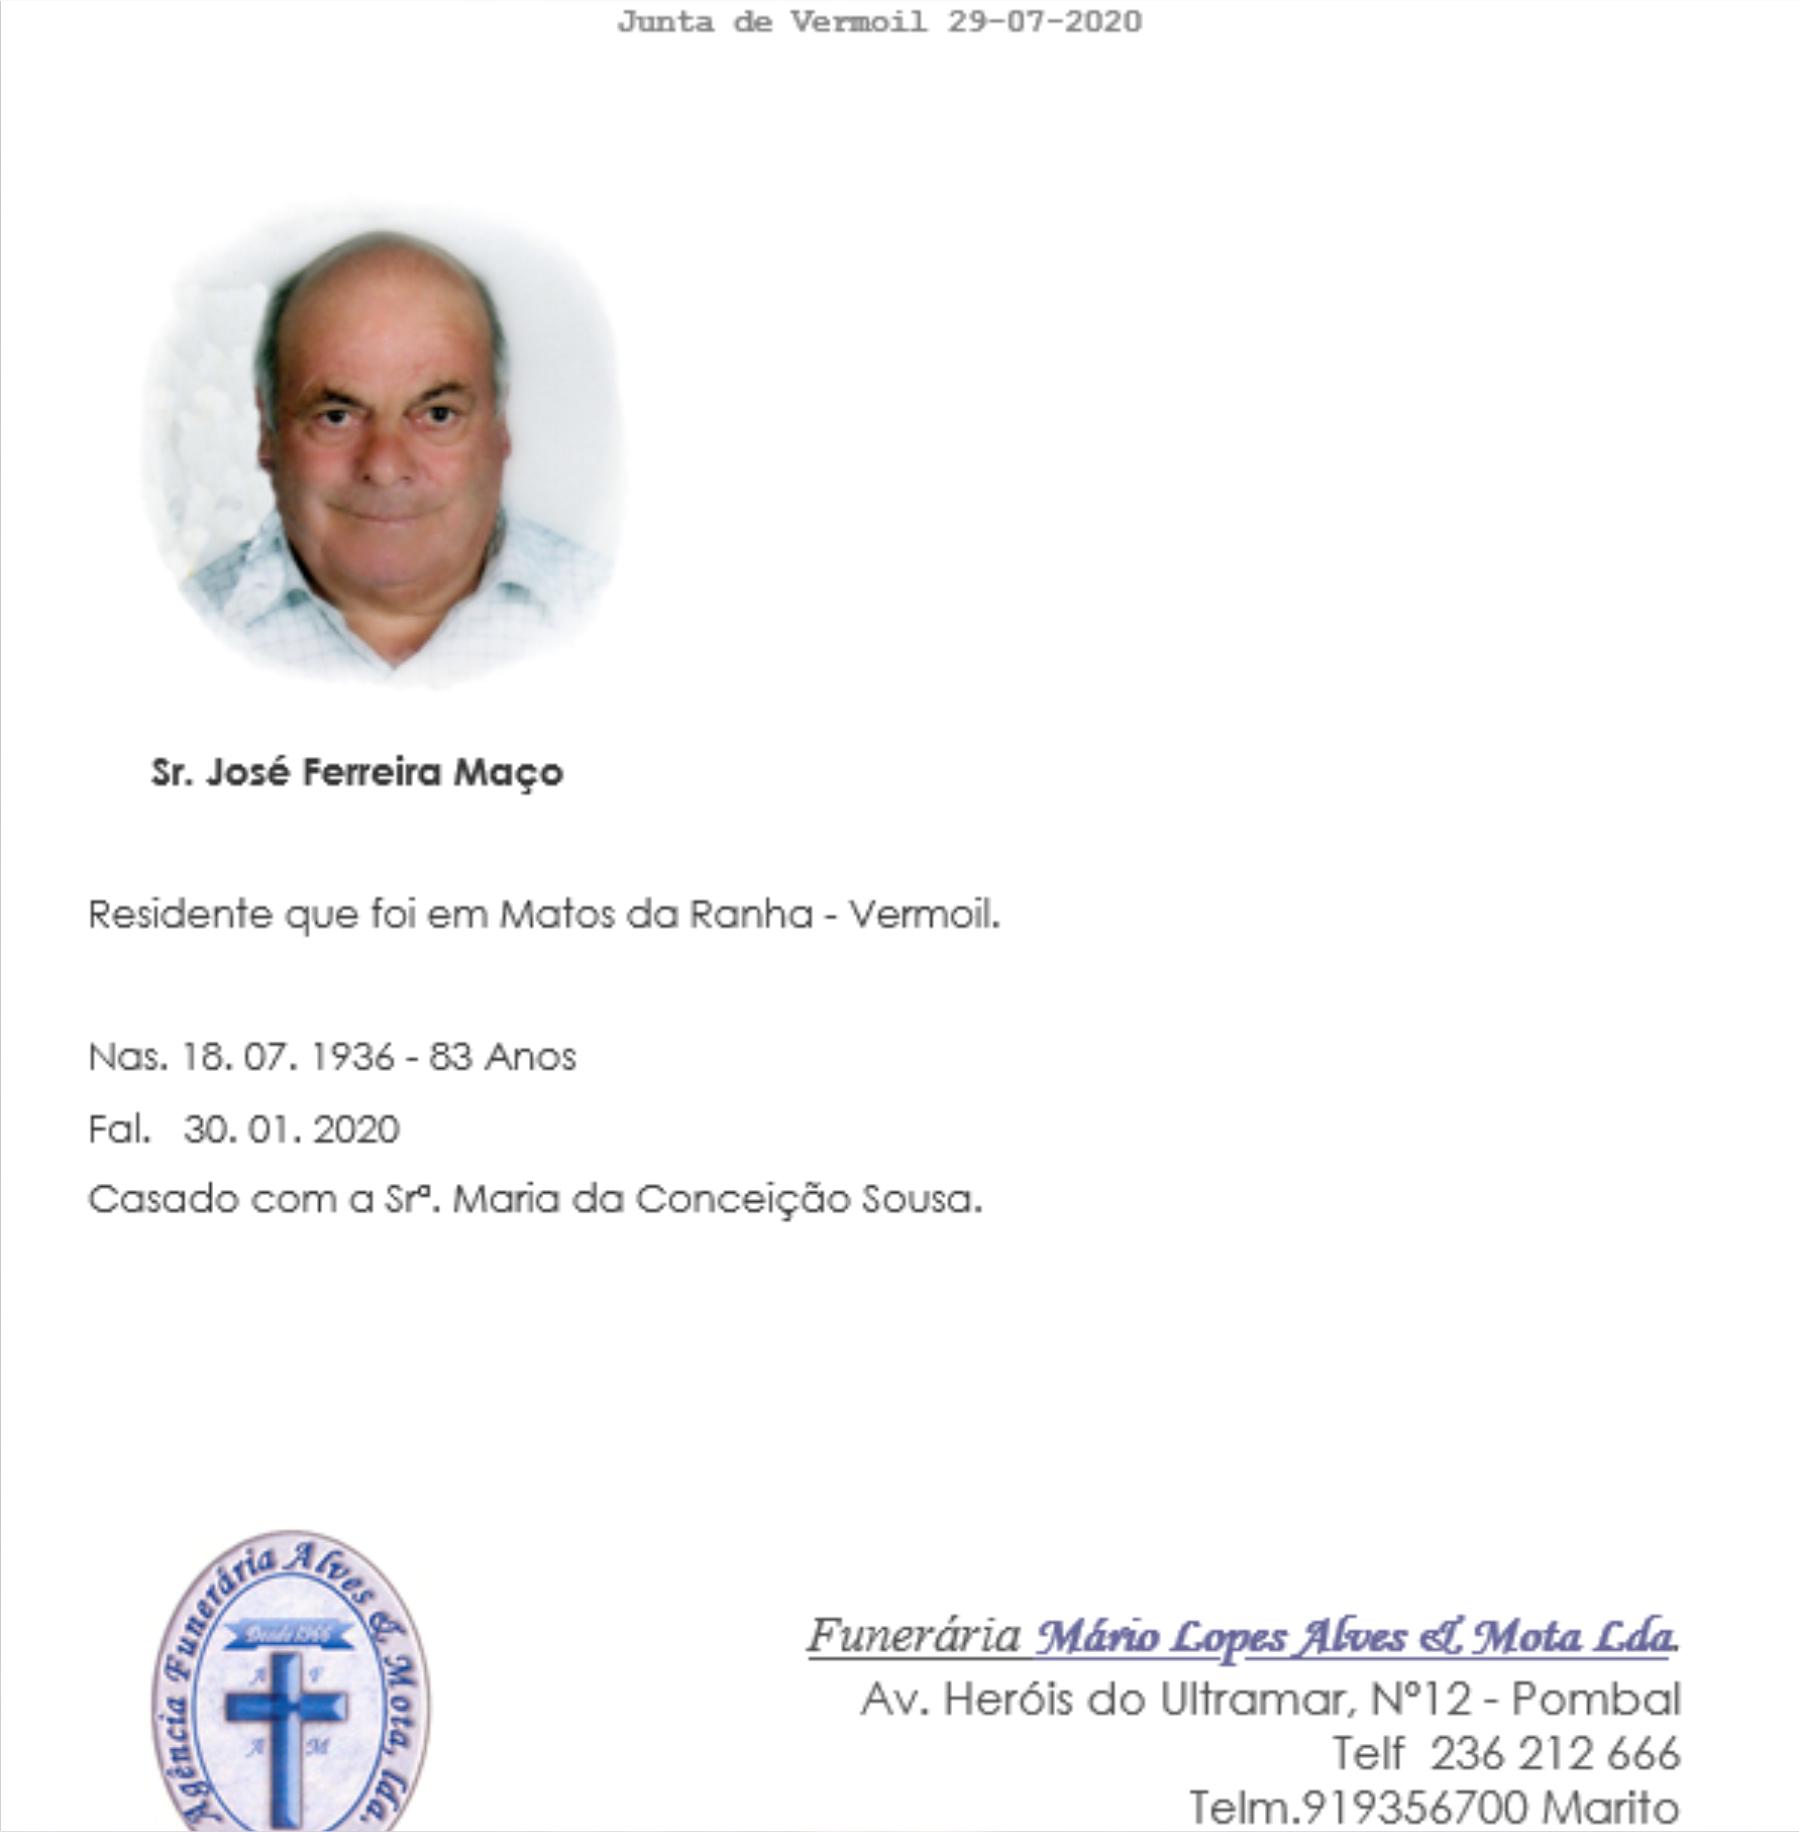 30-01-20 - José Fernandes Maço - Matos da Ranha